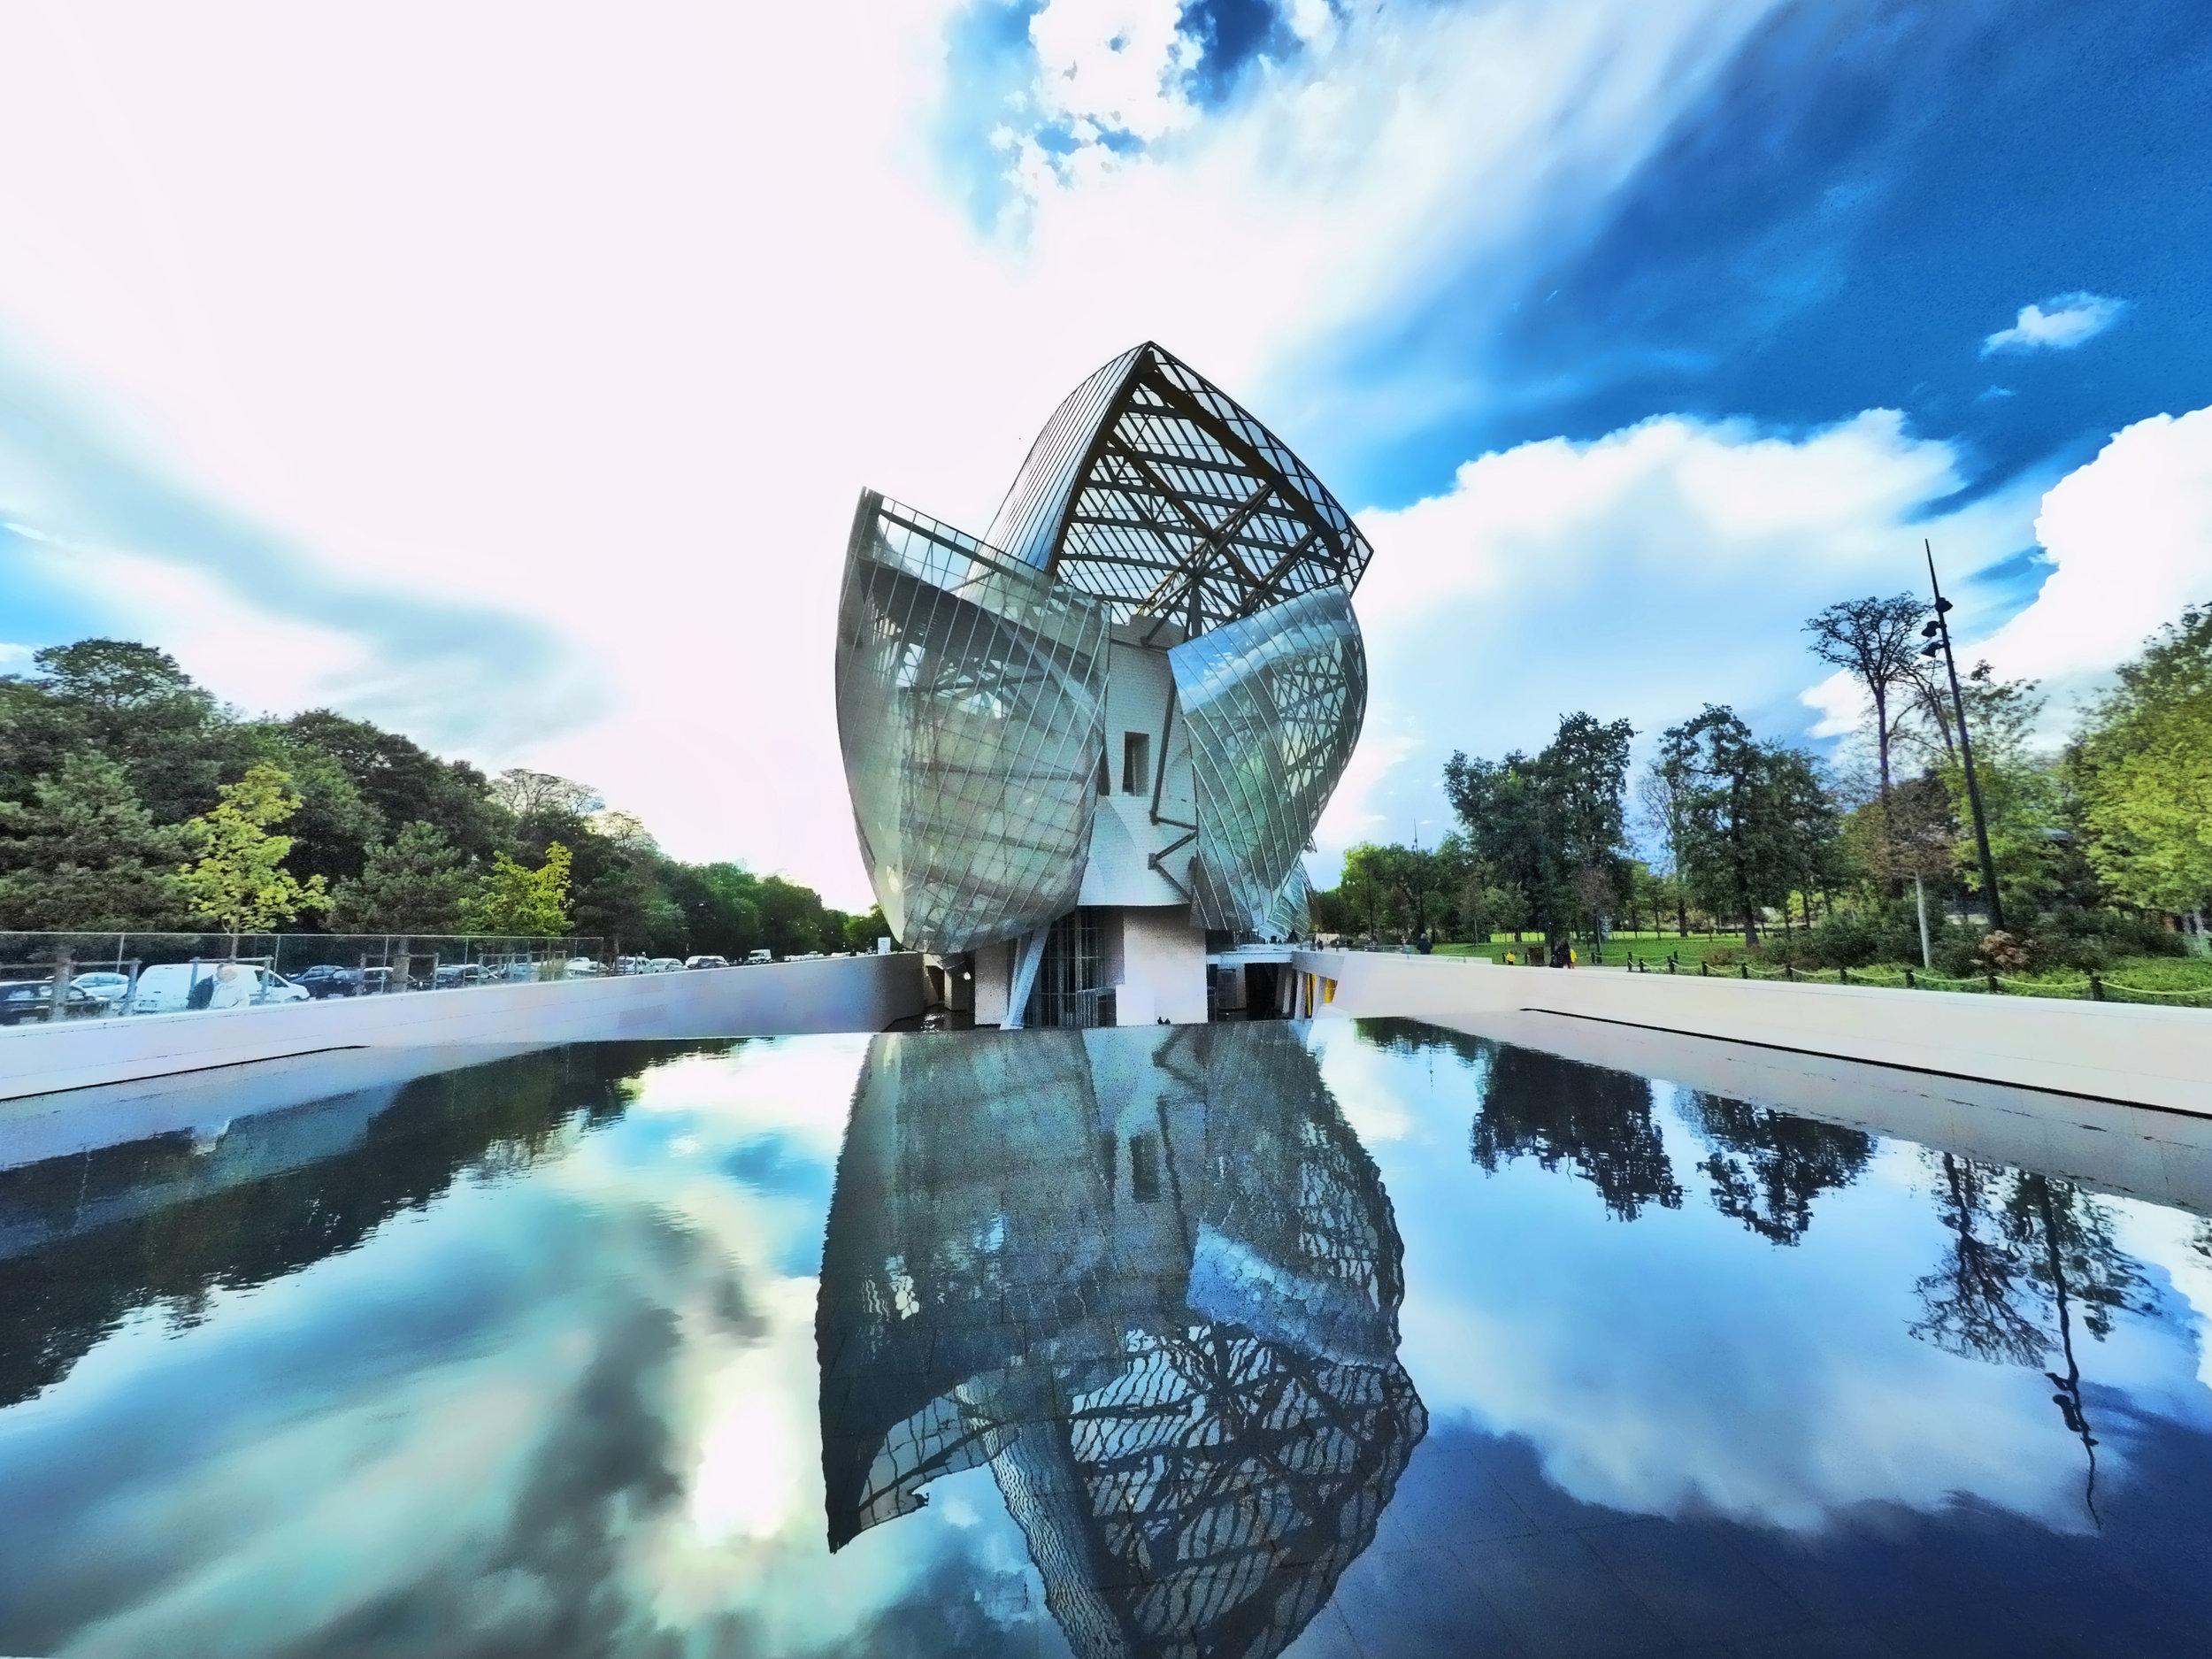 fondation louis vuitton - Arch. Frank Gehry / Bois de Boulogne Paris